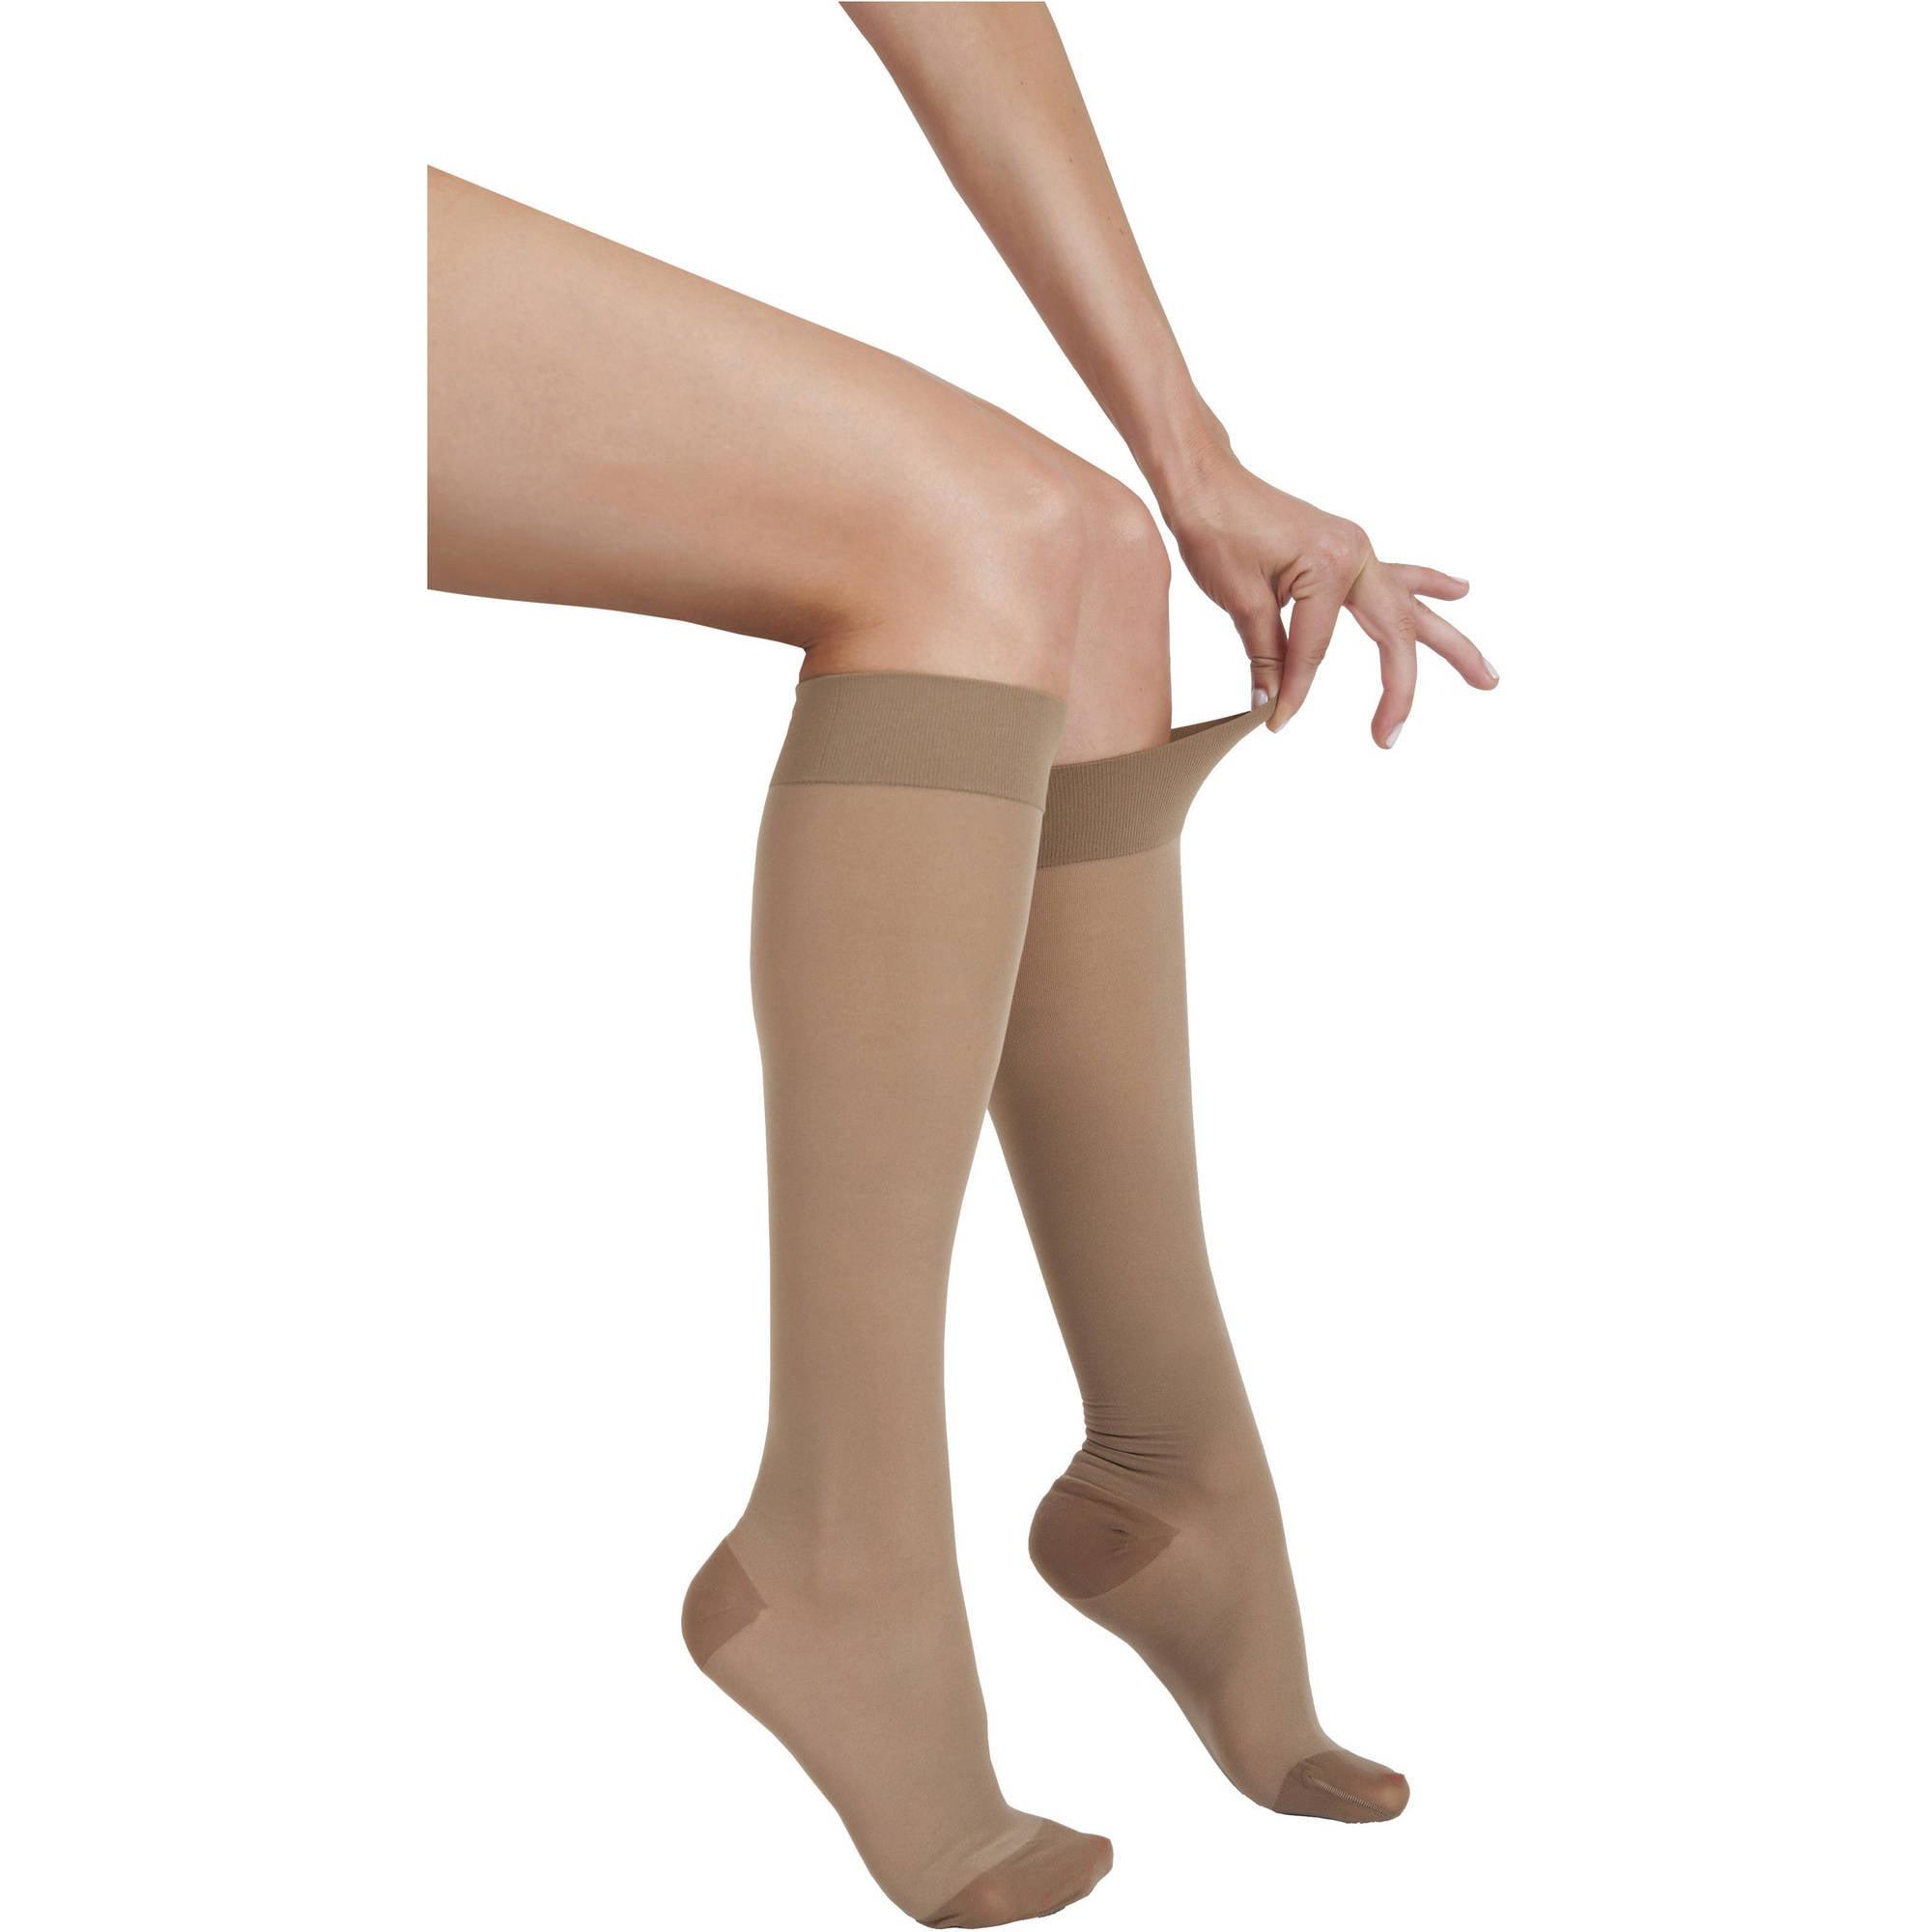 Large Beige 23-30 mmHg Compression ITA-MED Sheer Knee Highs